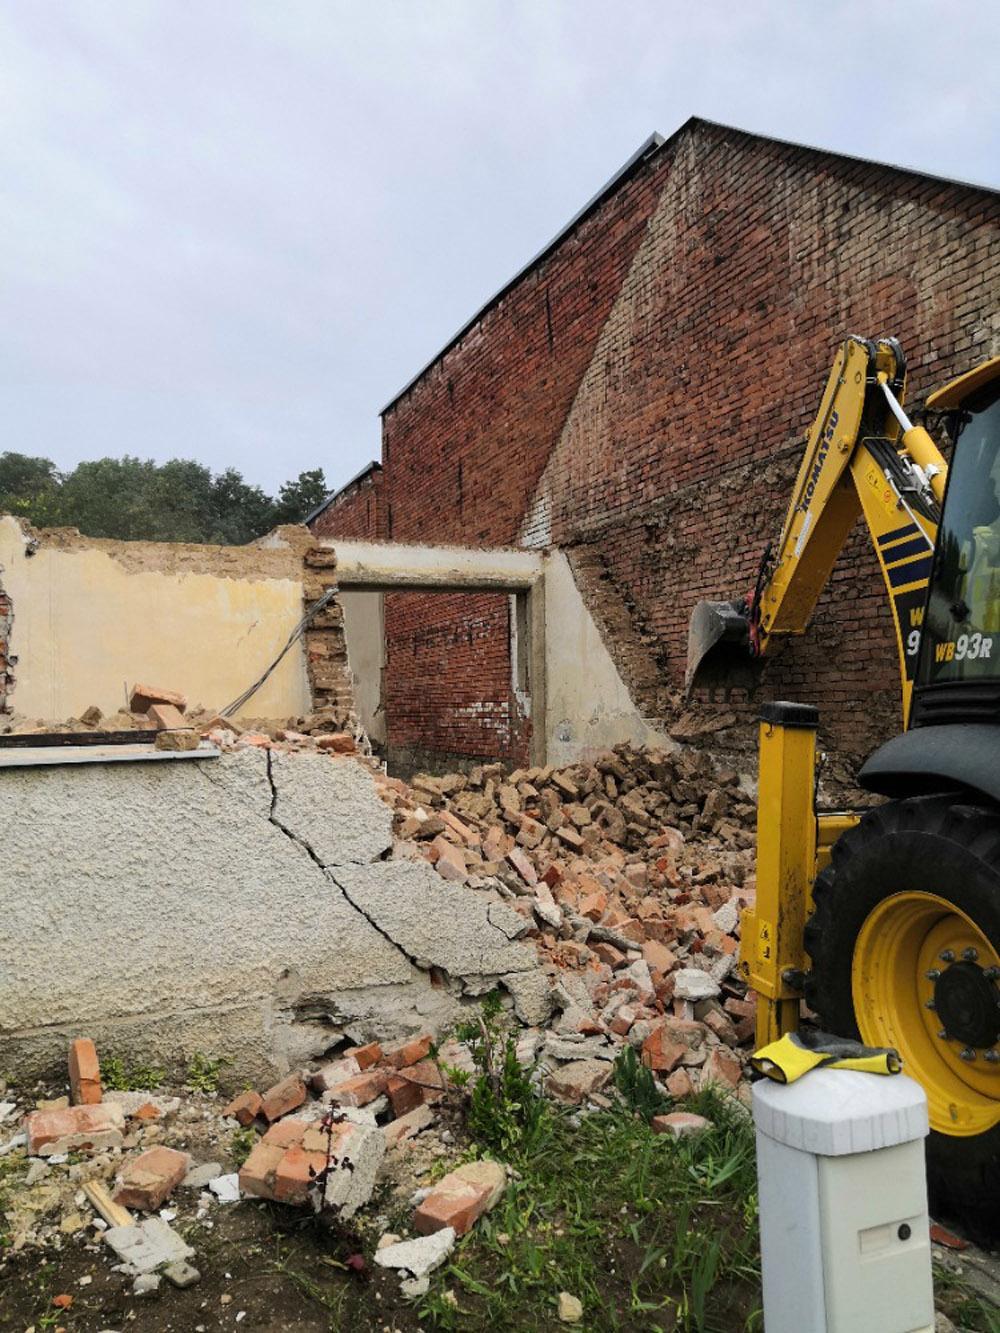 Bourání staré a stavba nové řadovky - Září 2020, poslední fáze demolice.